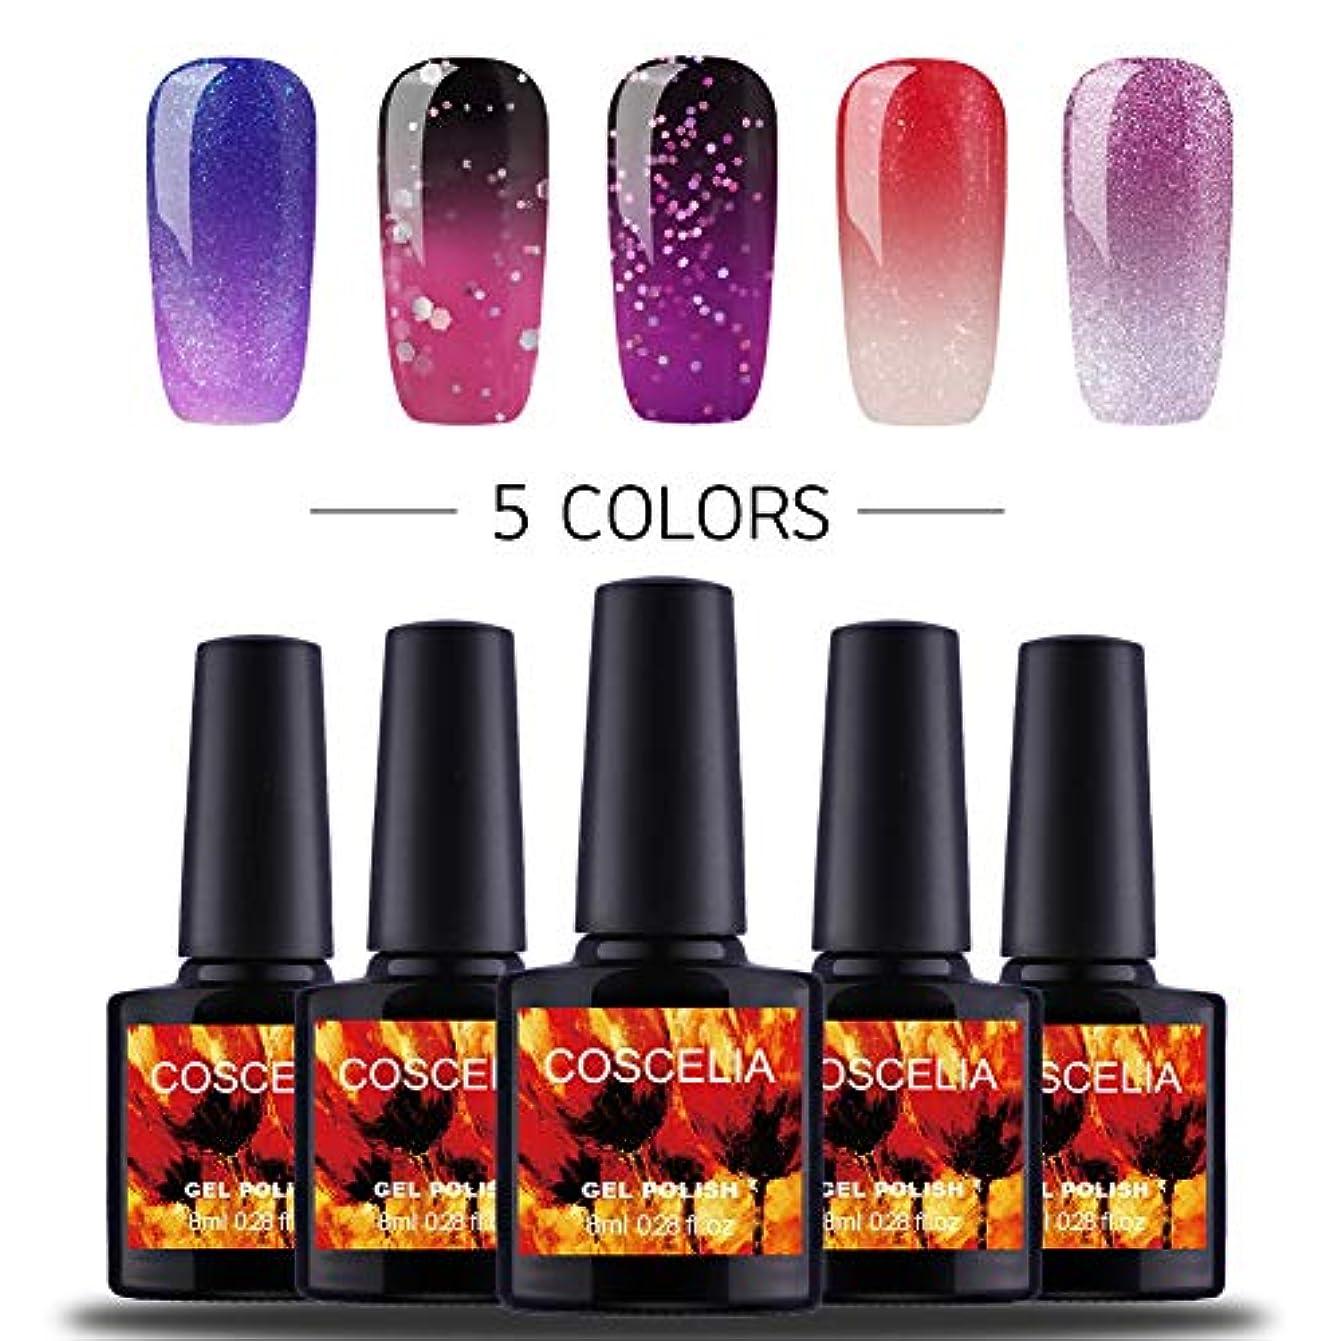 暴力的な登場悪夢Twinkle Store ジェルネイル カラー セットカメレオンカラージェル 温度により色が変化 5色入り 8ml (JP-A2XX1-5A)